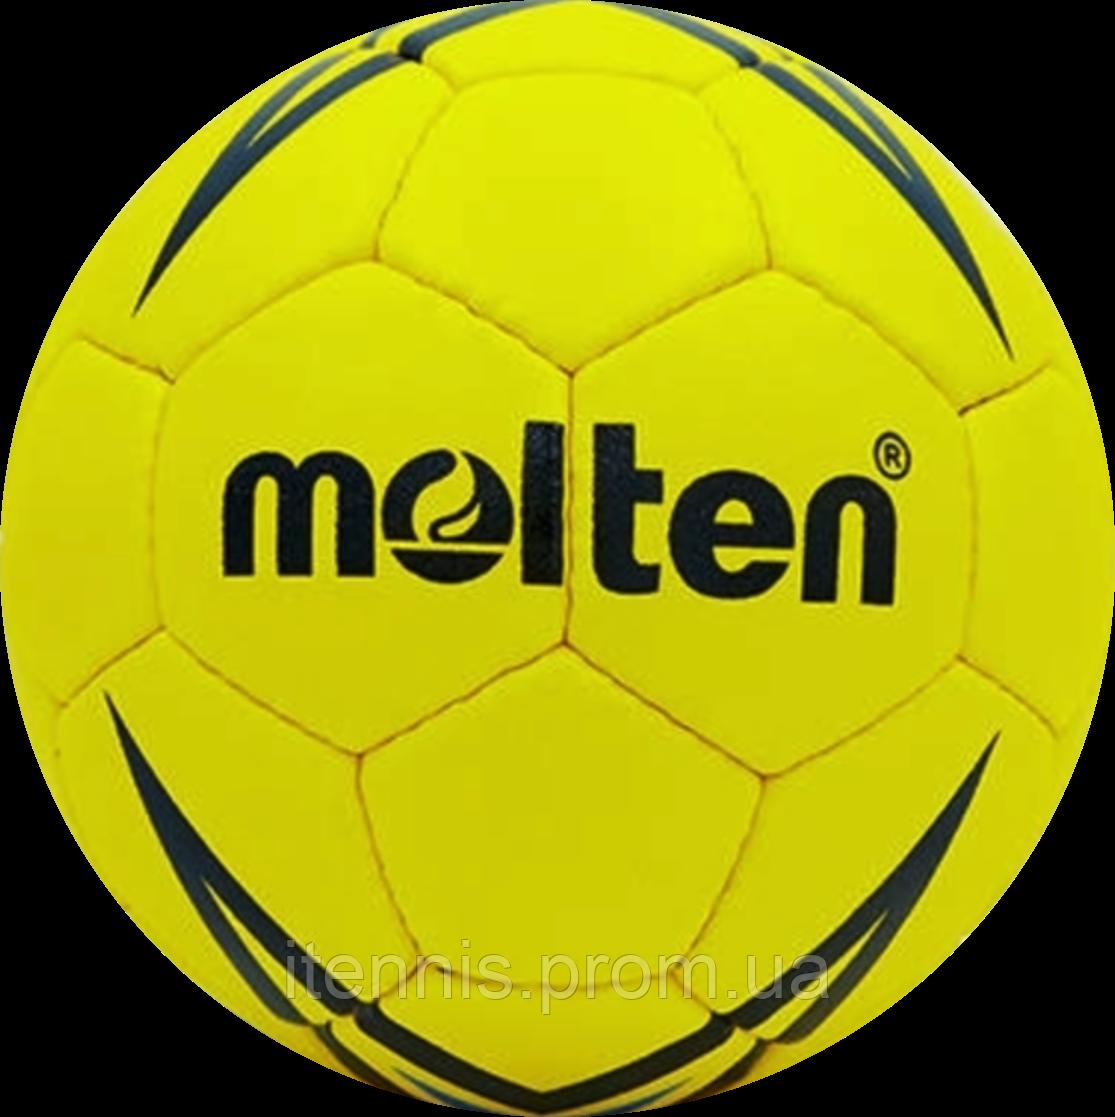 Мяч для гандбола Molten 4200 - купить по лучшей цене в Киеве от ... 0bbe5efb06fed